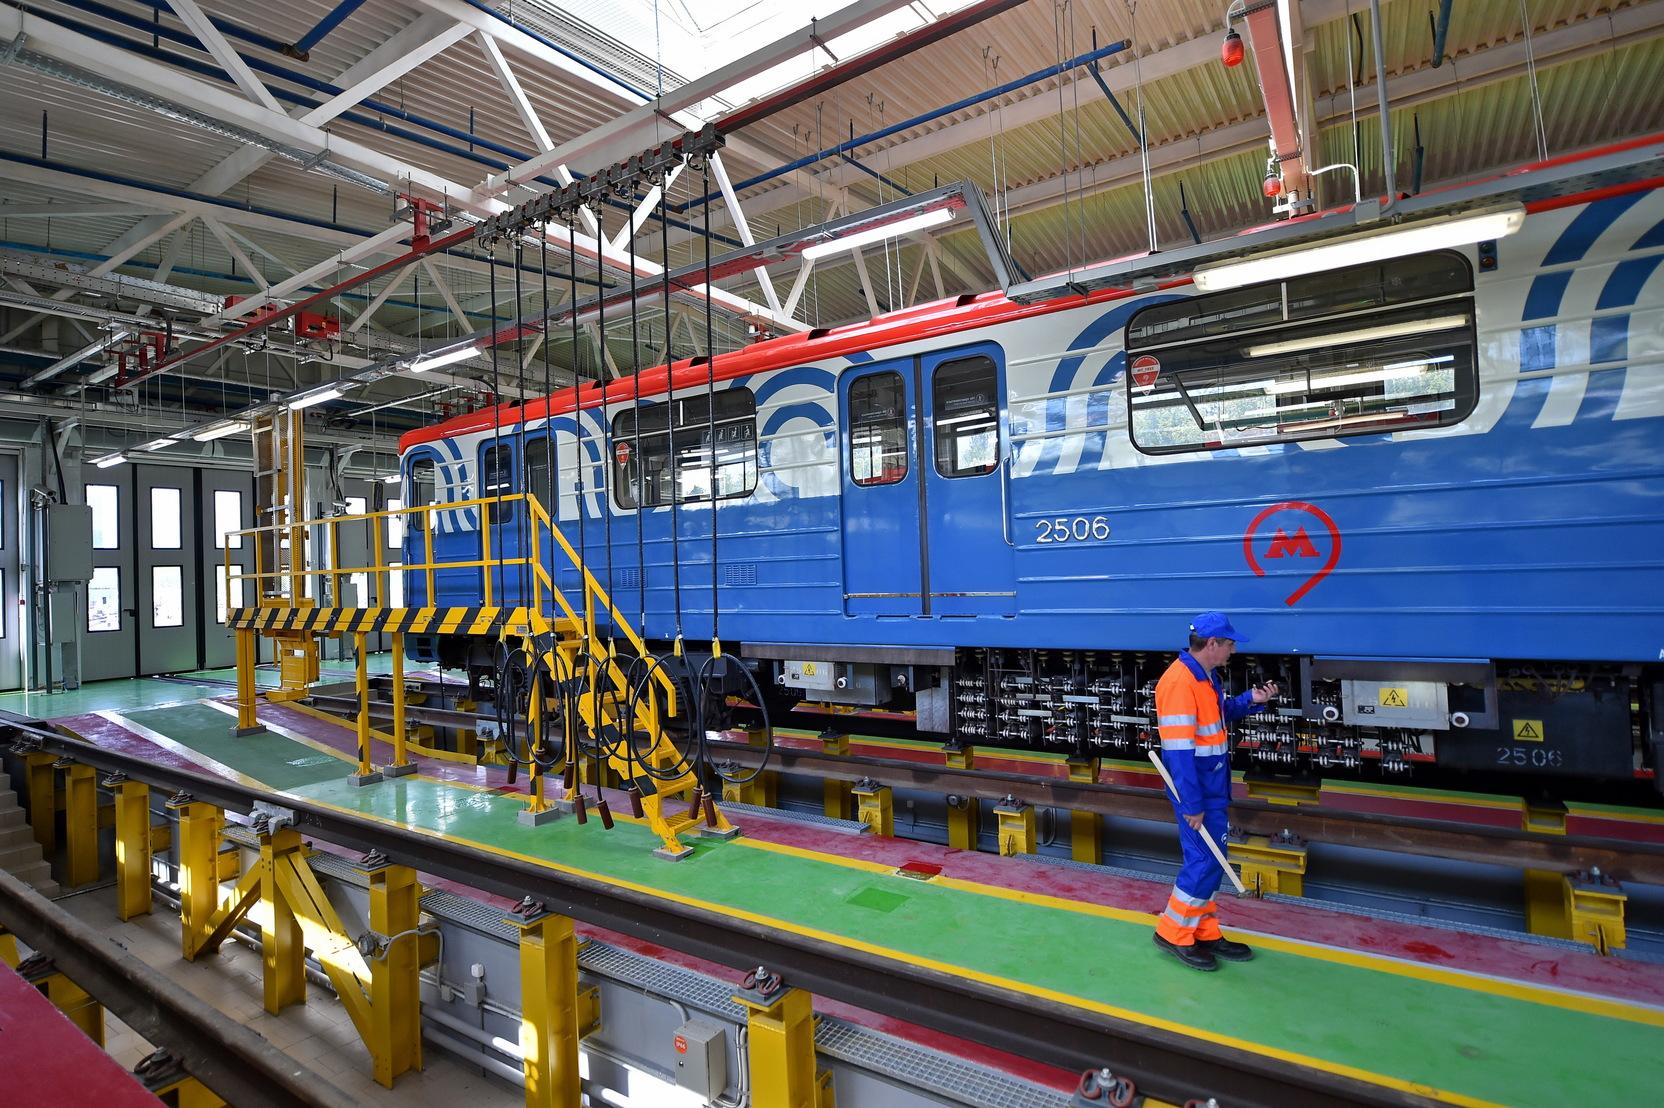 Заммэра Бочкарёв рассказал о темпах реконструкции электродепо Нижегородское в Москве